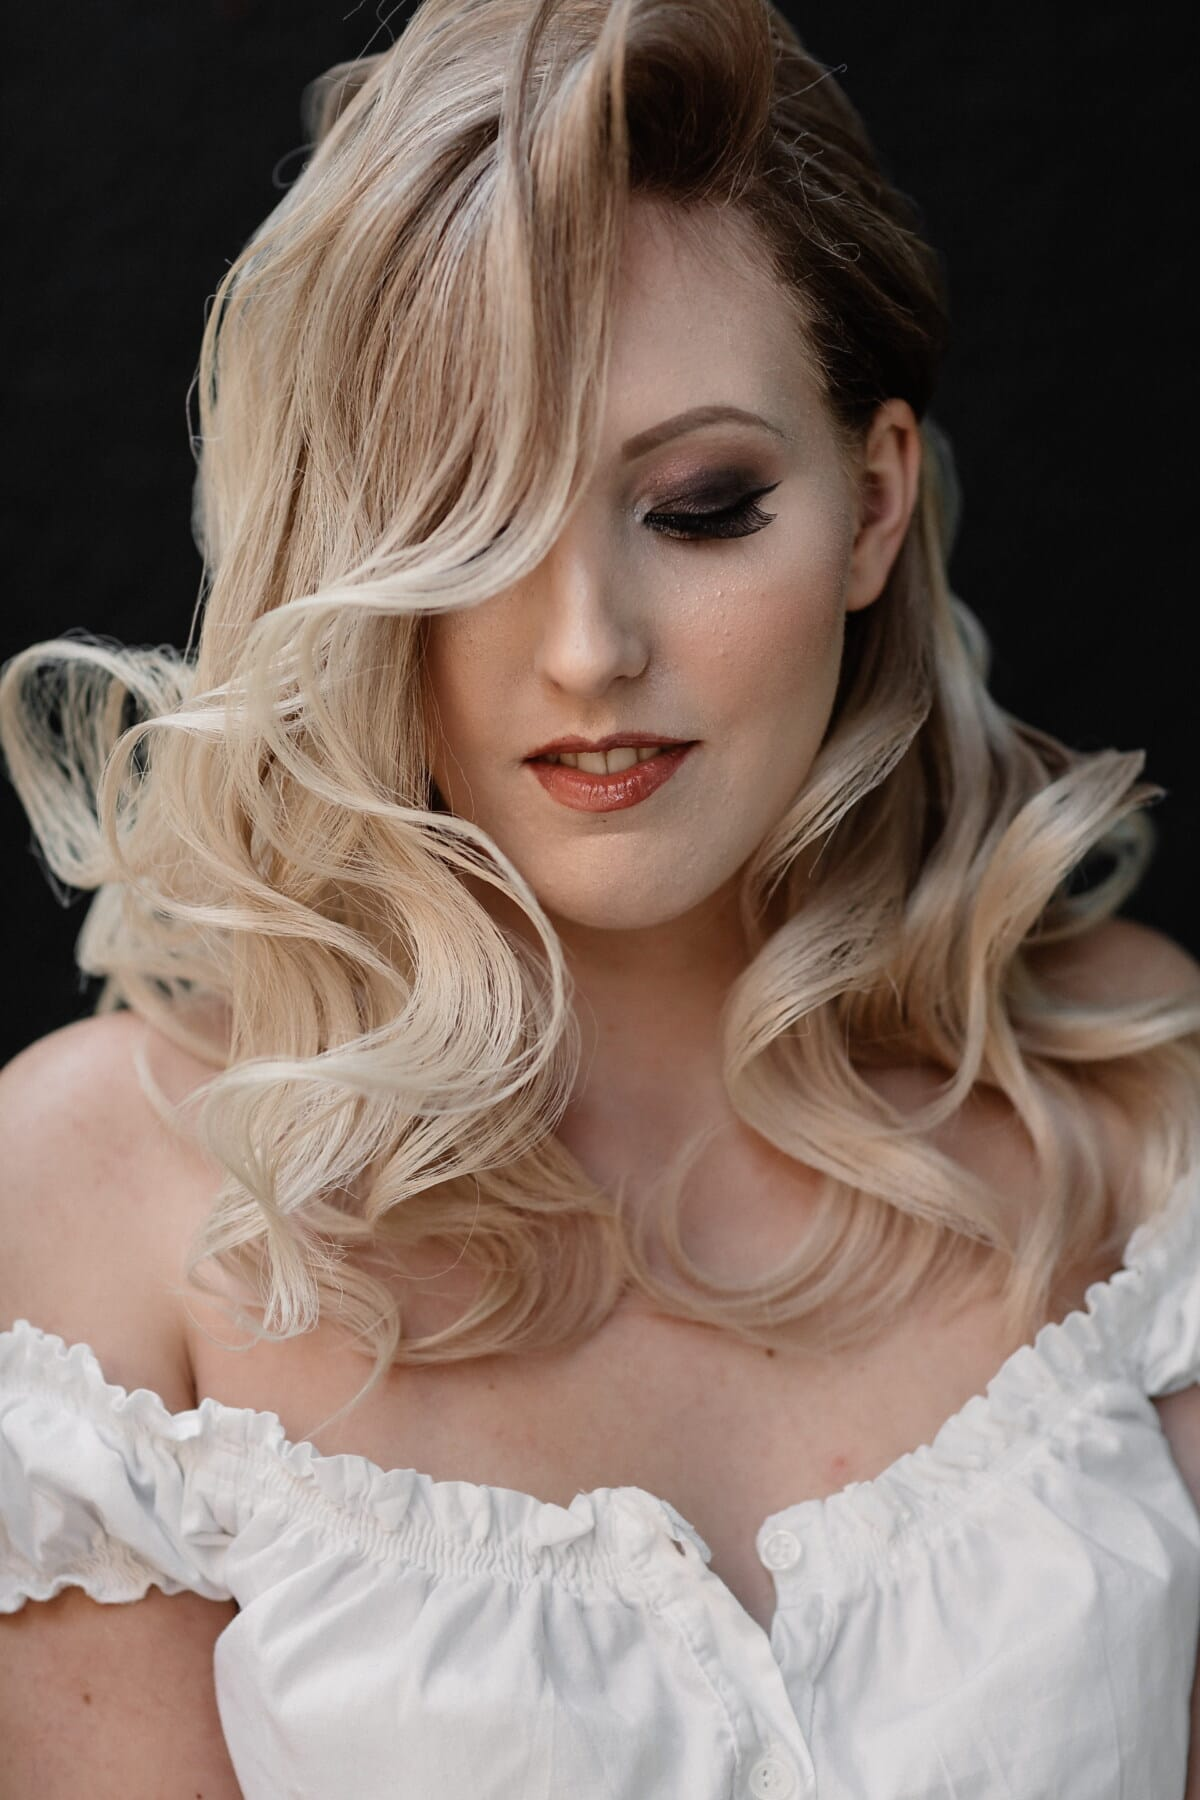 posant, modèle photo, coiffure, fermer, cheveux blonds, visage, œil, cils, élégance, joli